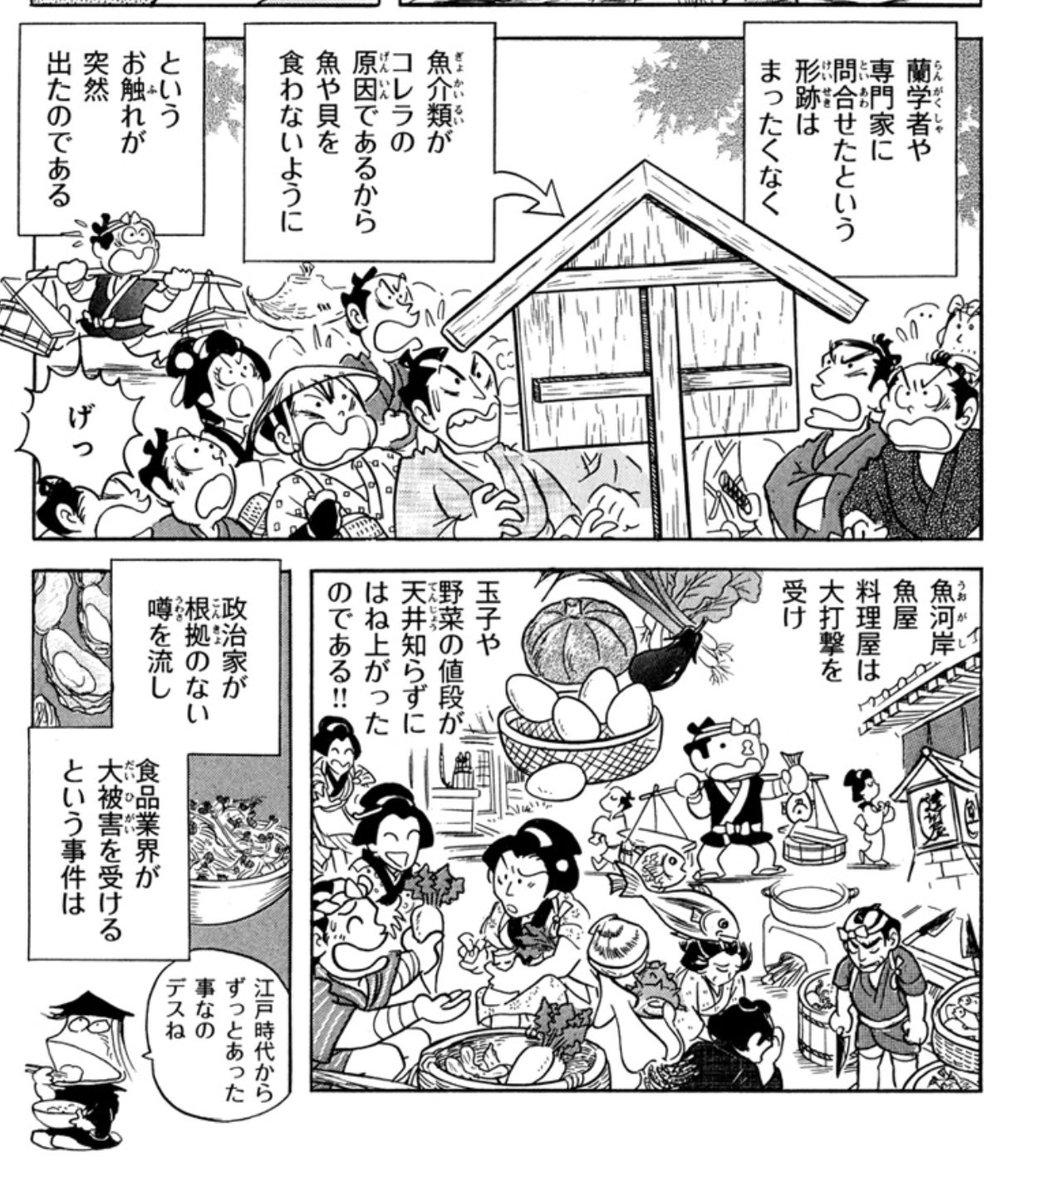 今だと、狂牛病とか福島の食材とか、っていうことになるのかな。江戸時代よりは、マスコミの果たす役割も大きいだろう(無責任なのは変わってないと思うが) 「根拠のない噂を流し 食品業界が大打撃」みなもと太郎『風雲児たち 幕末編』16巻より https://t.co/rld79gatGN